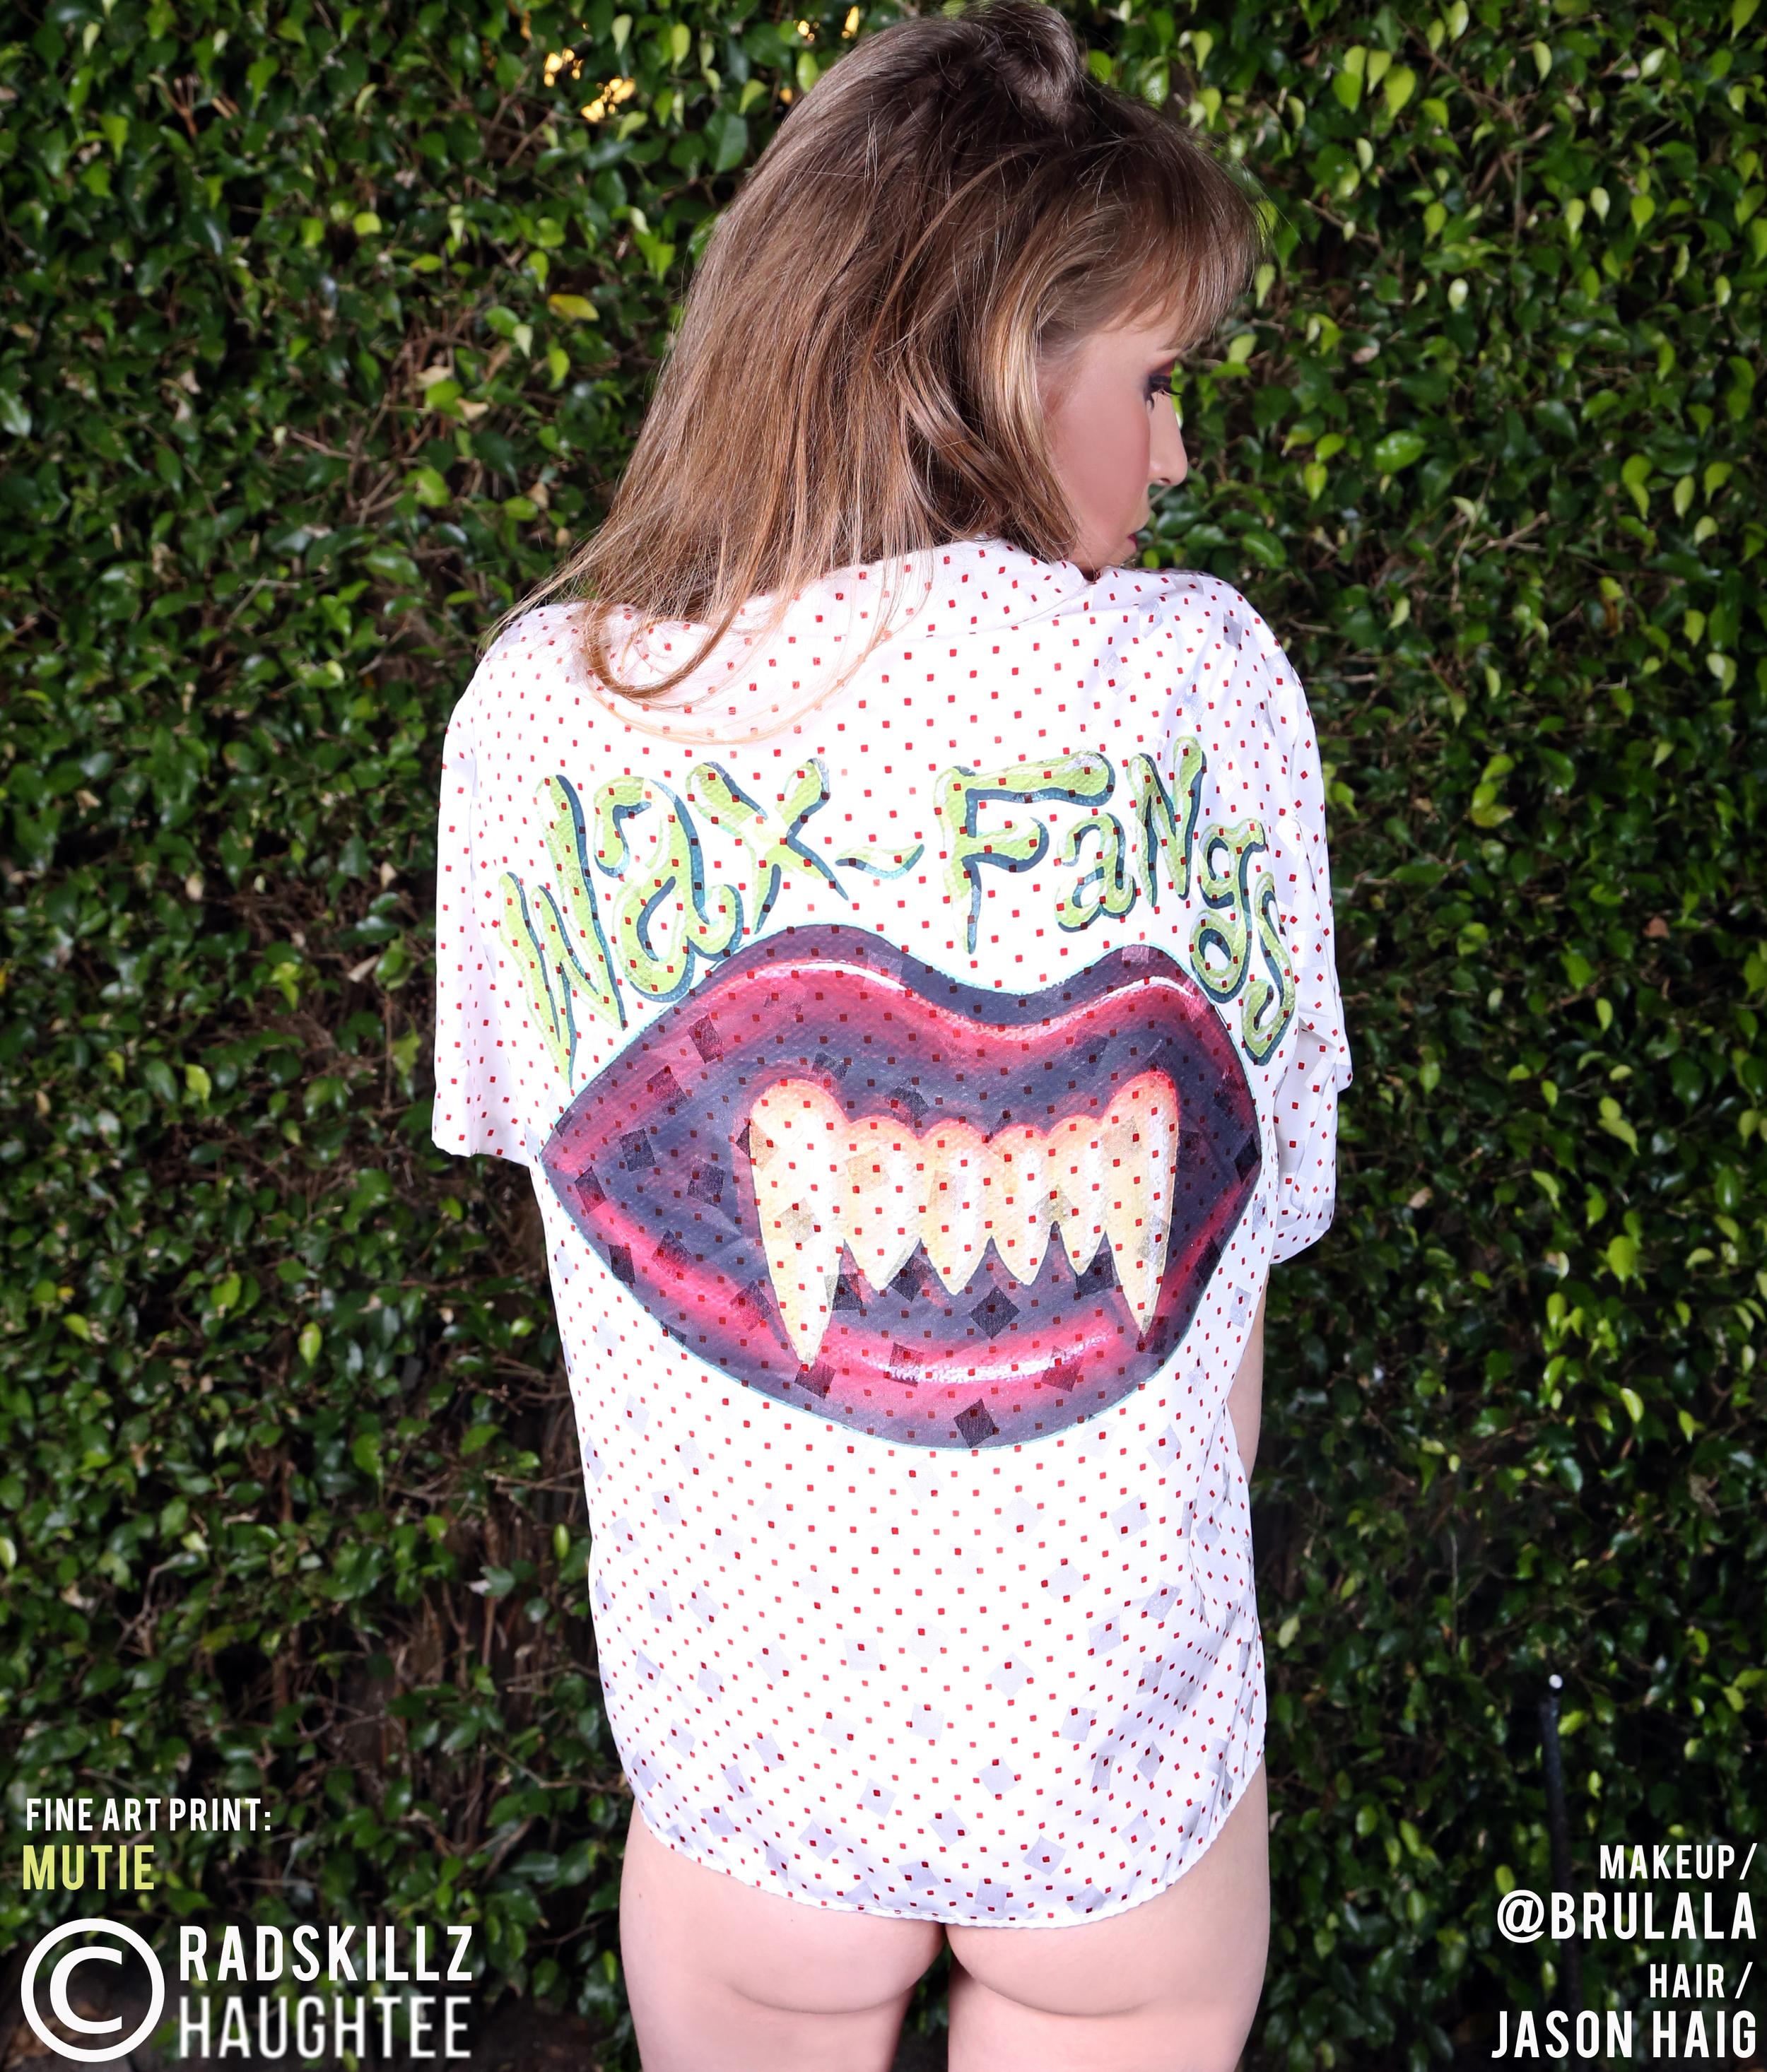 MUTIE wax fangs blouse4.jpg